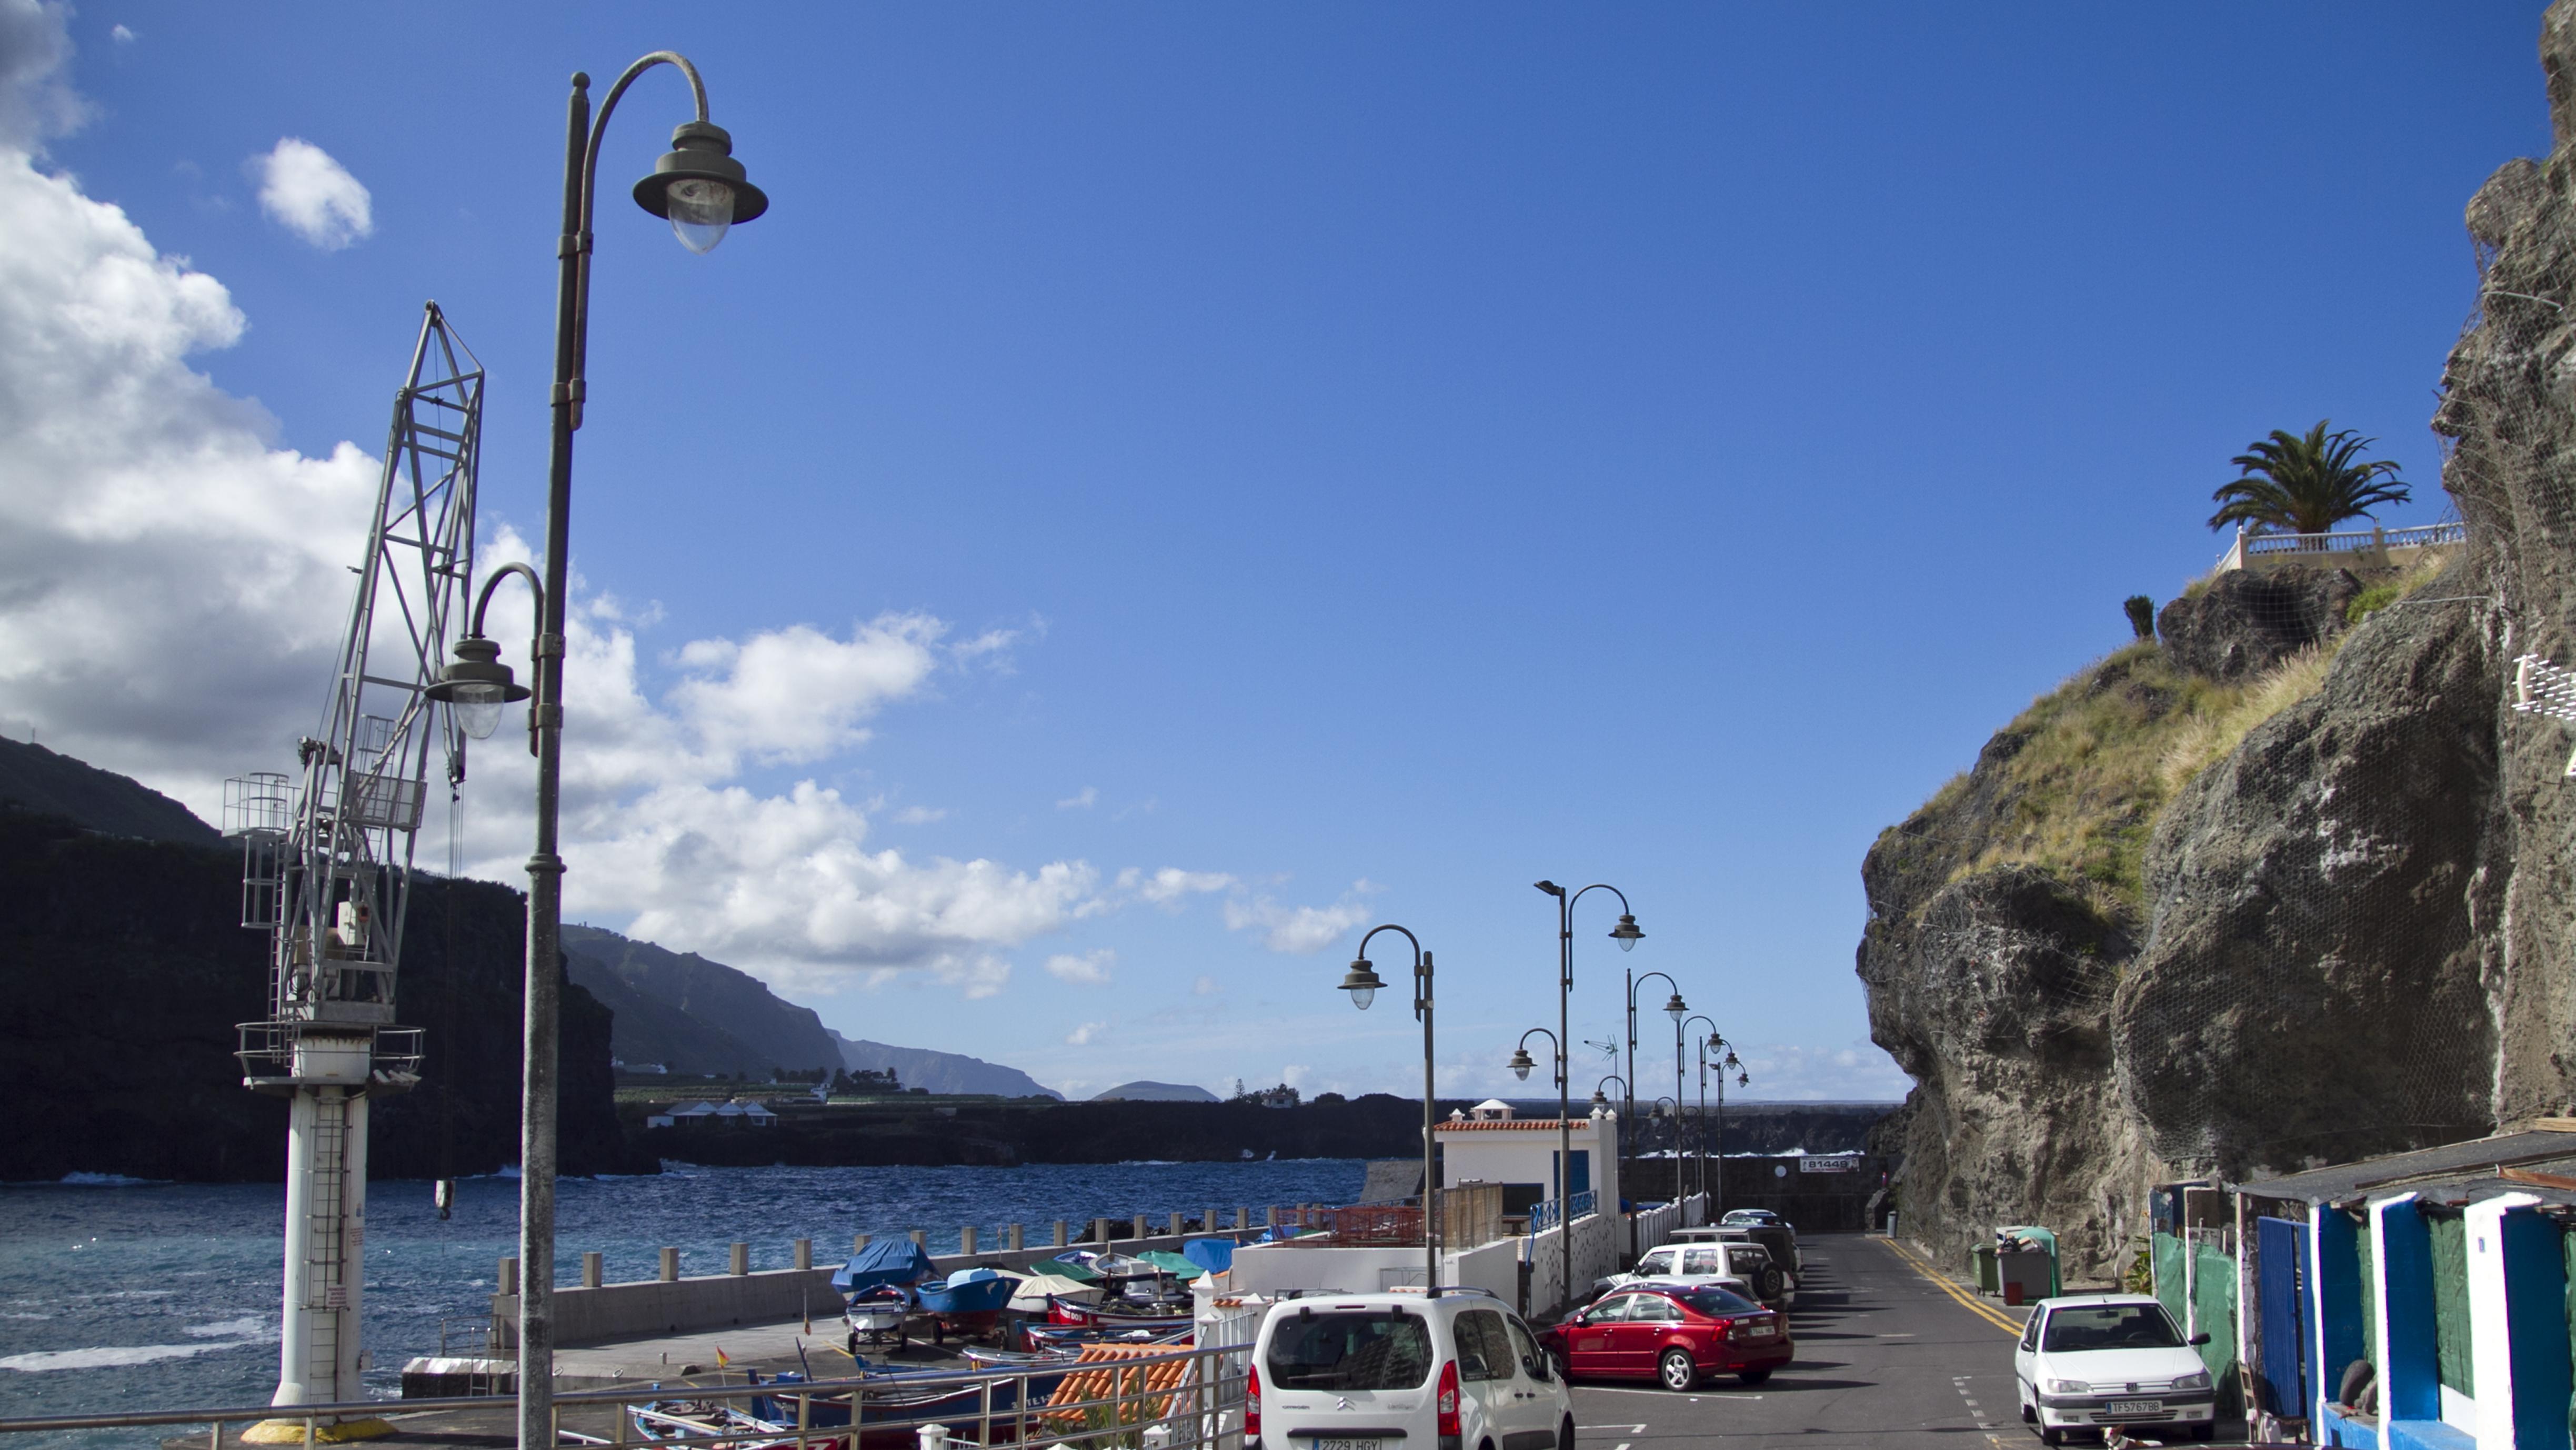 File:38430 San Marcos, Santa Cruz de Tenerife, Spain - panoramio.jpg ...